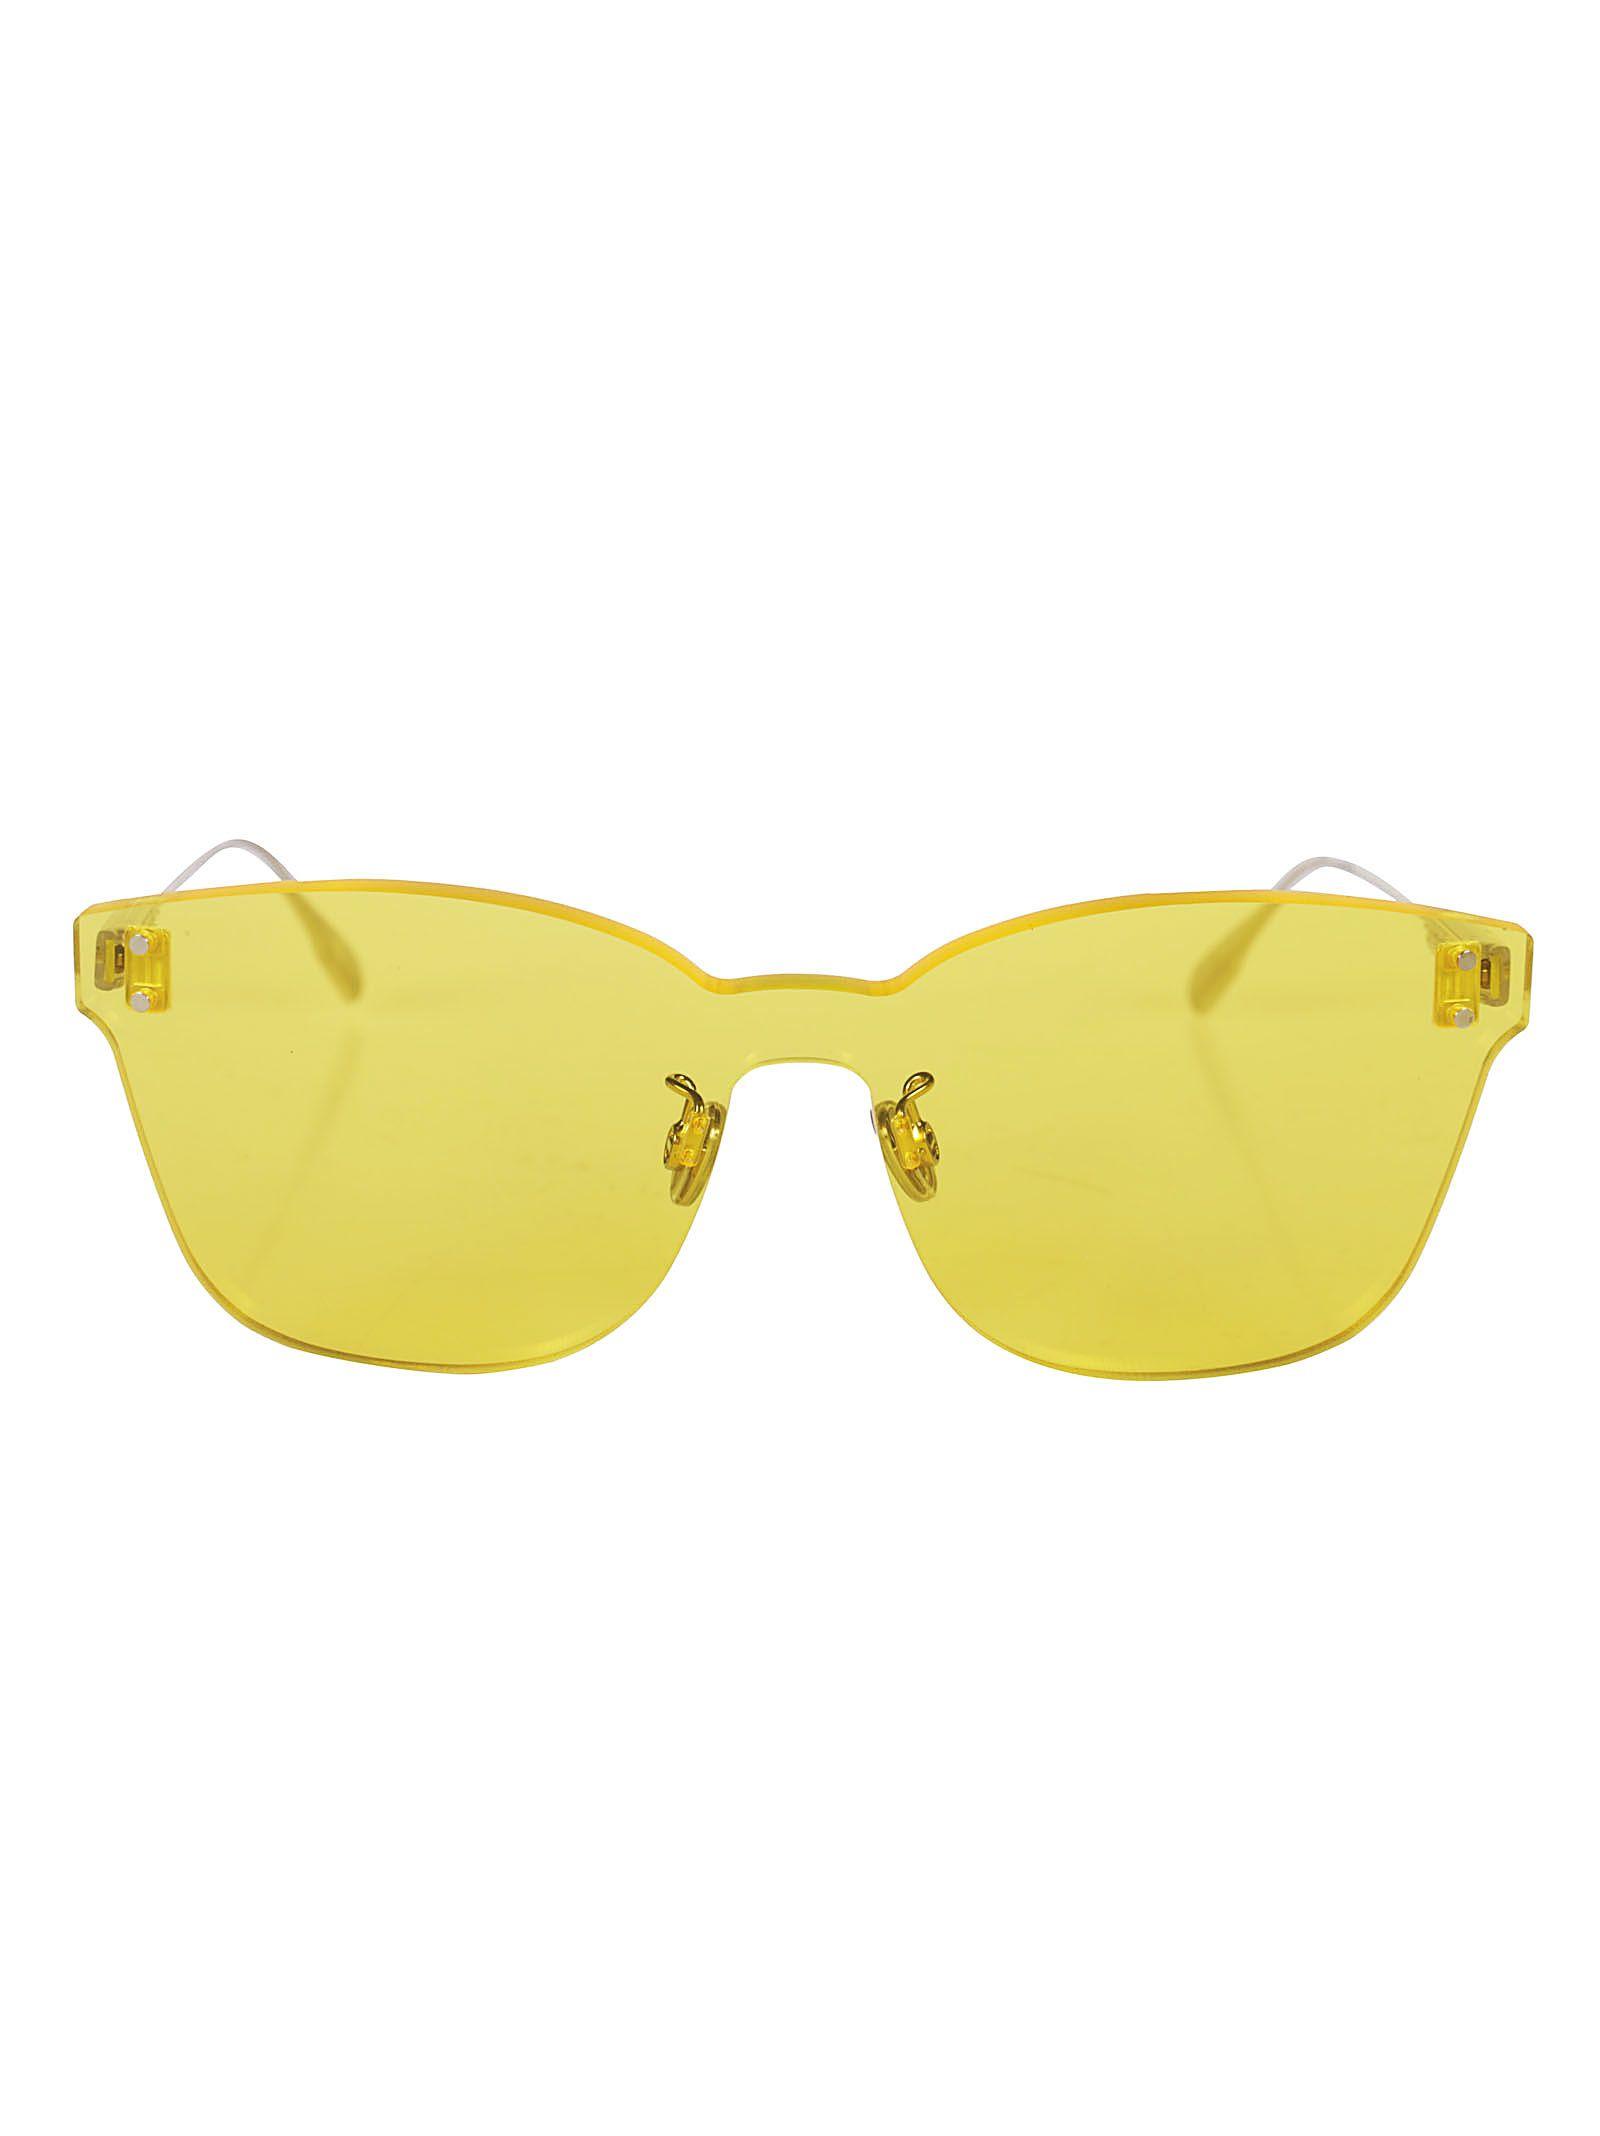 Dior Color Quake Square Frame Sunglasses